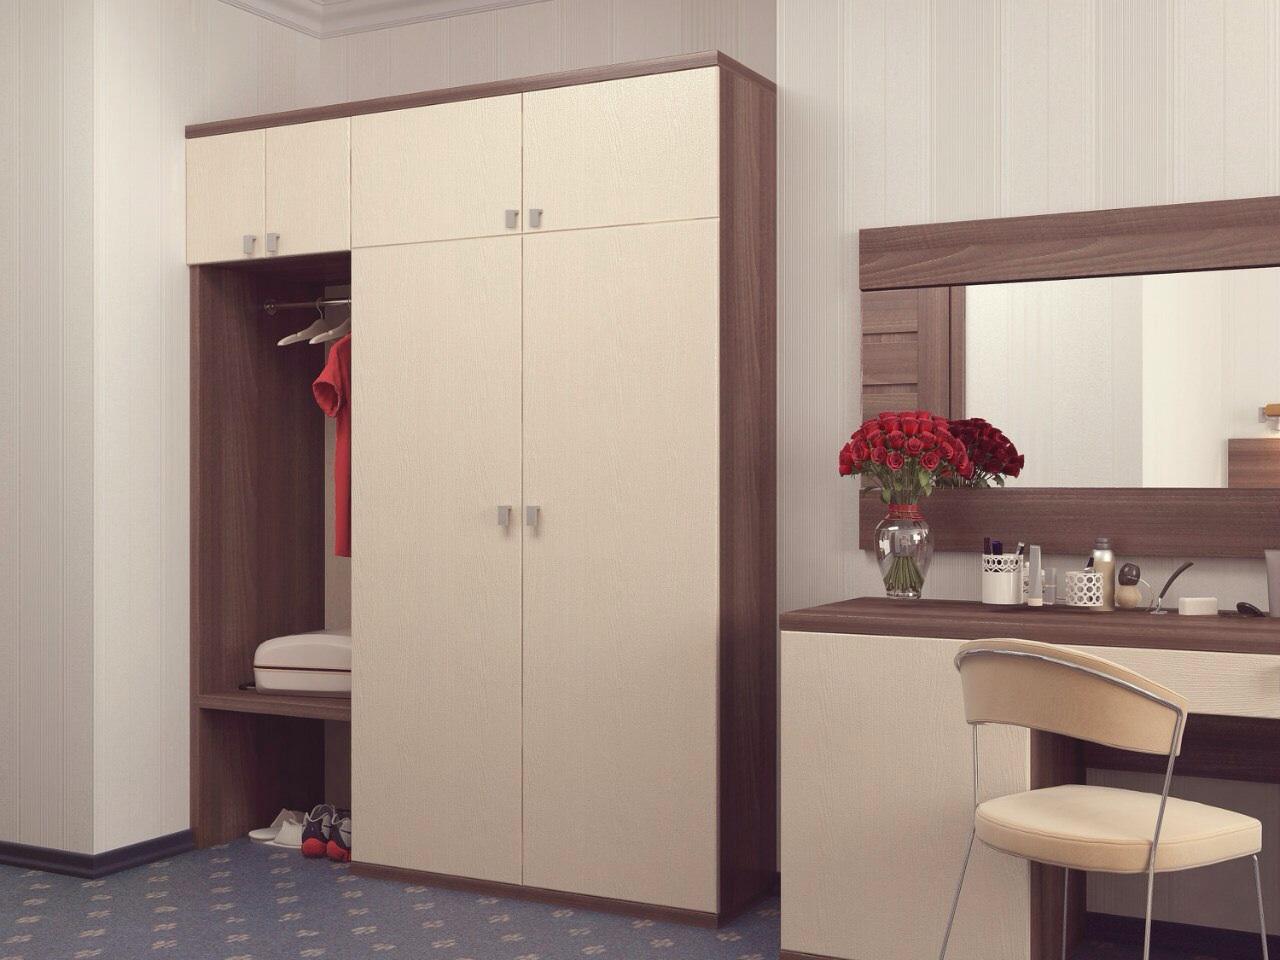 Распашной шкаф лдсп egger ваниль купить мебель в кабинет на .